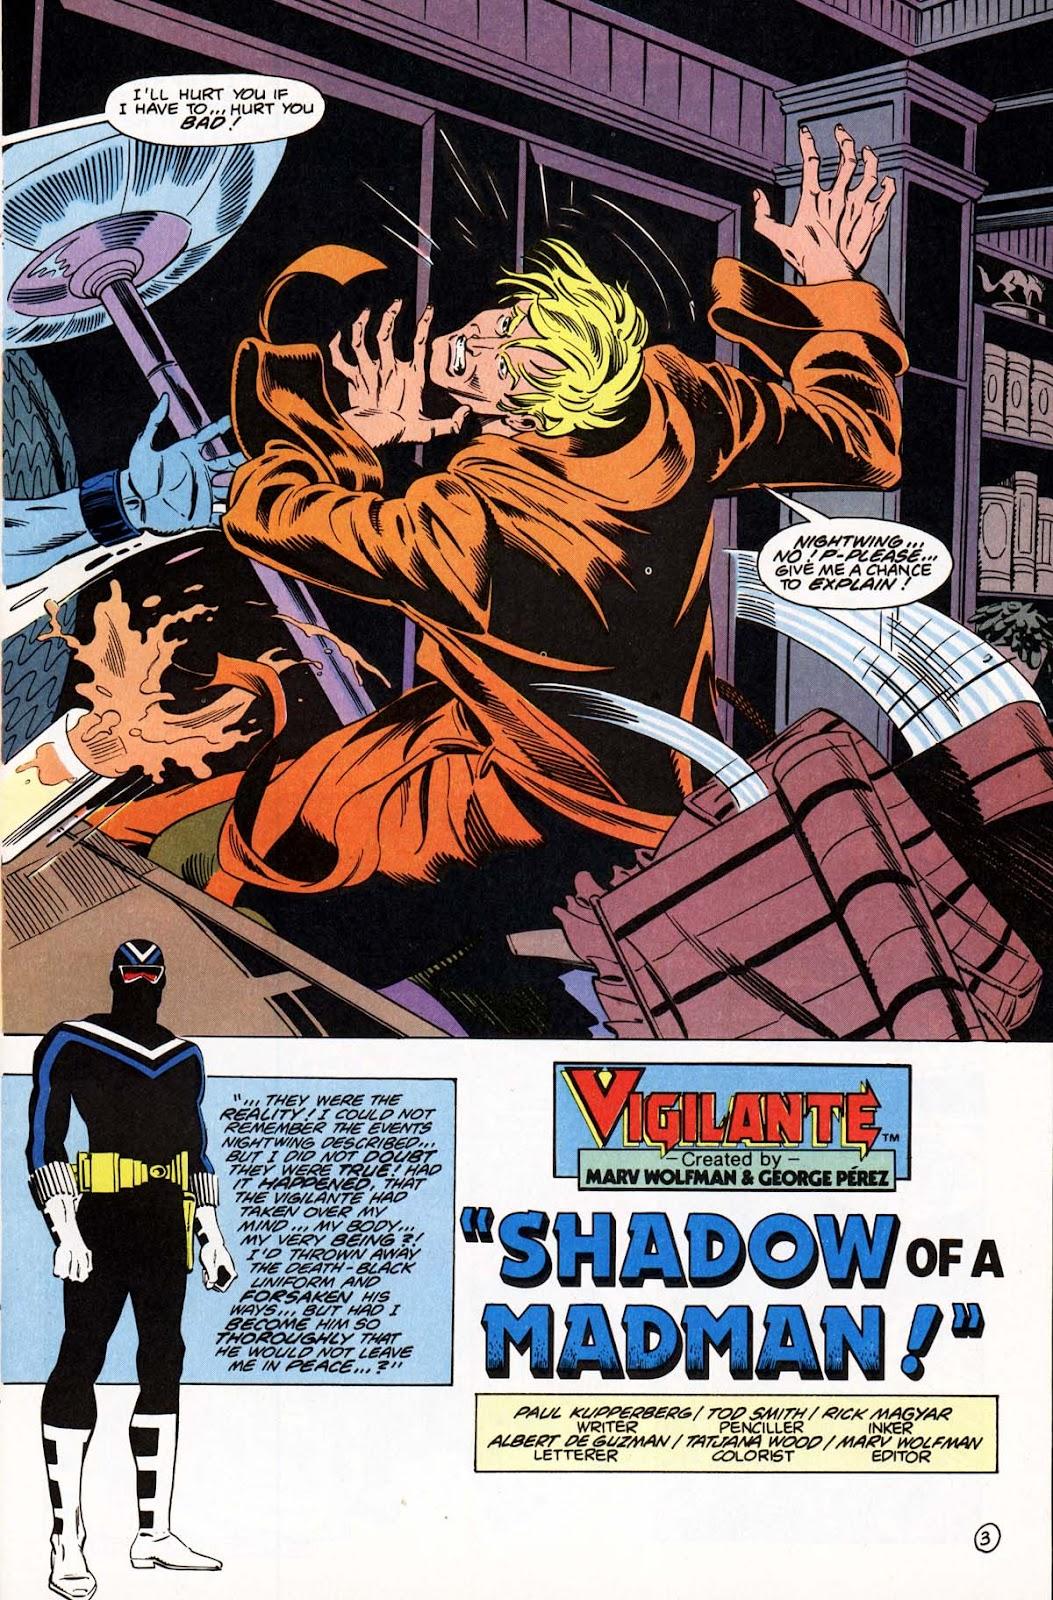 Vigilante (1983) issue 21 - Page 6